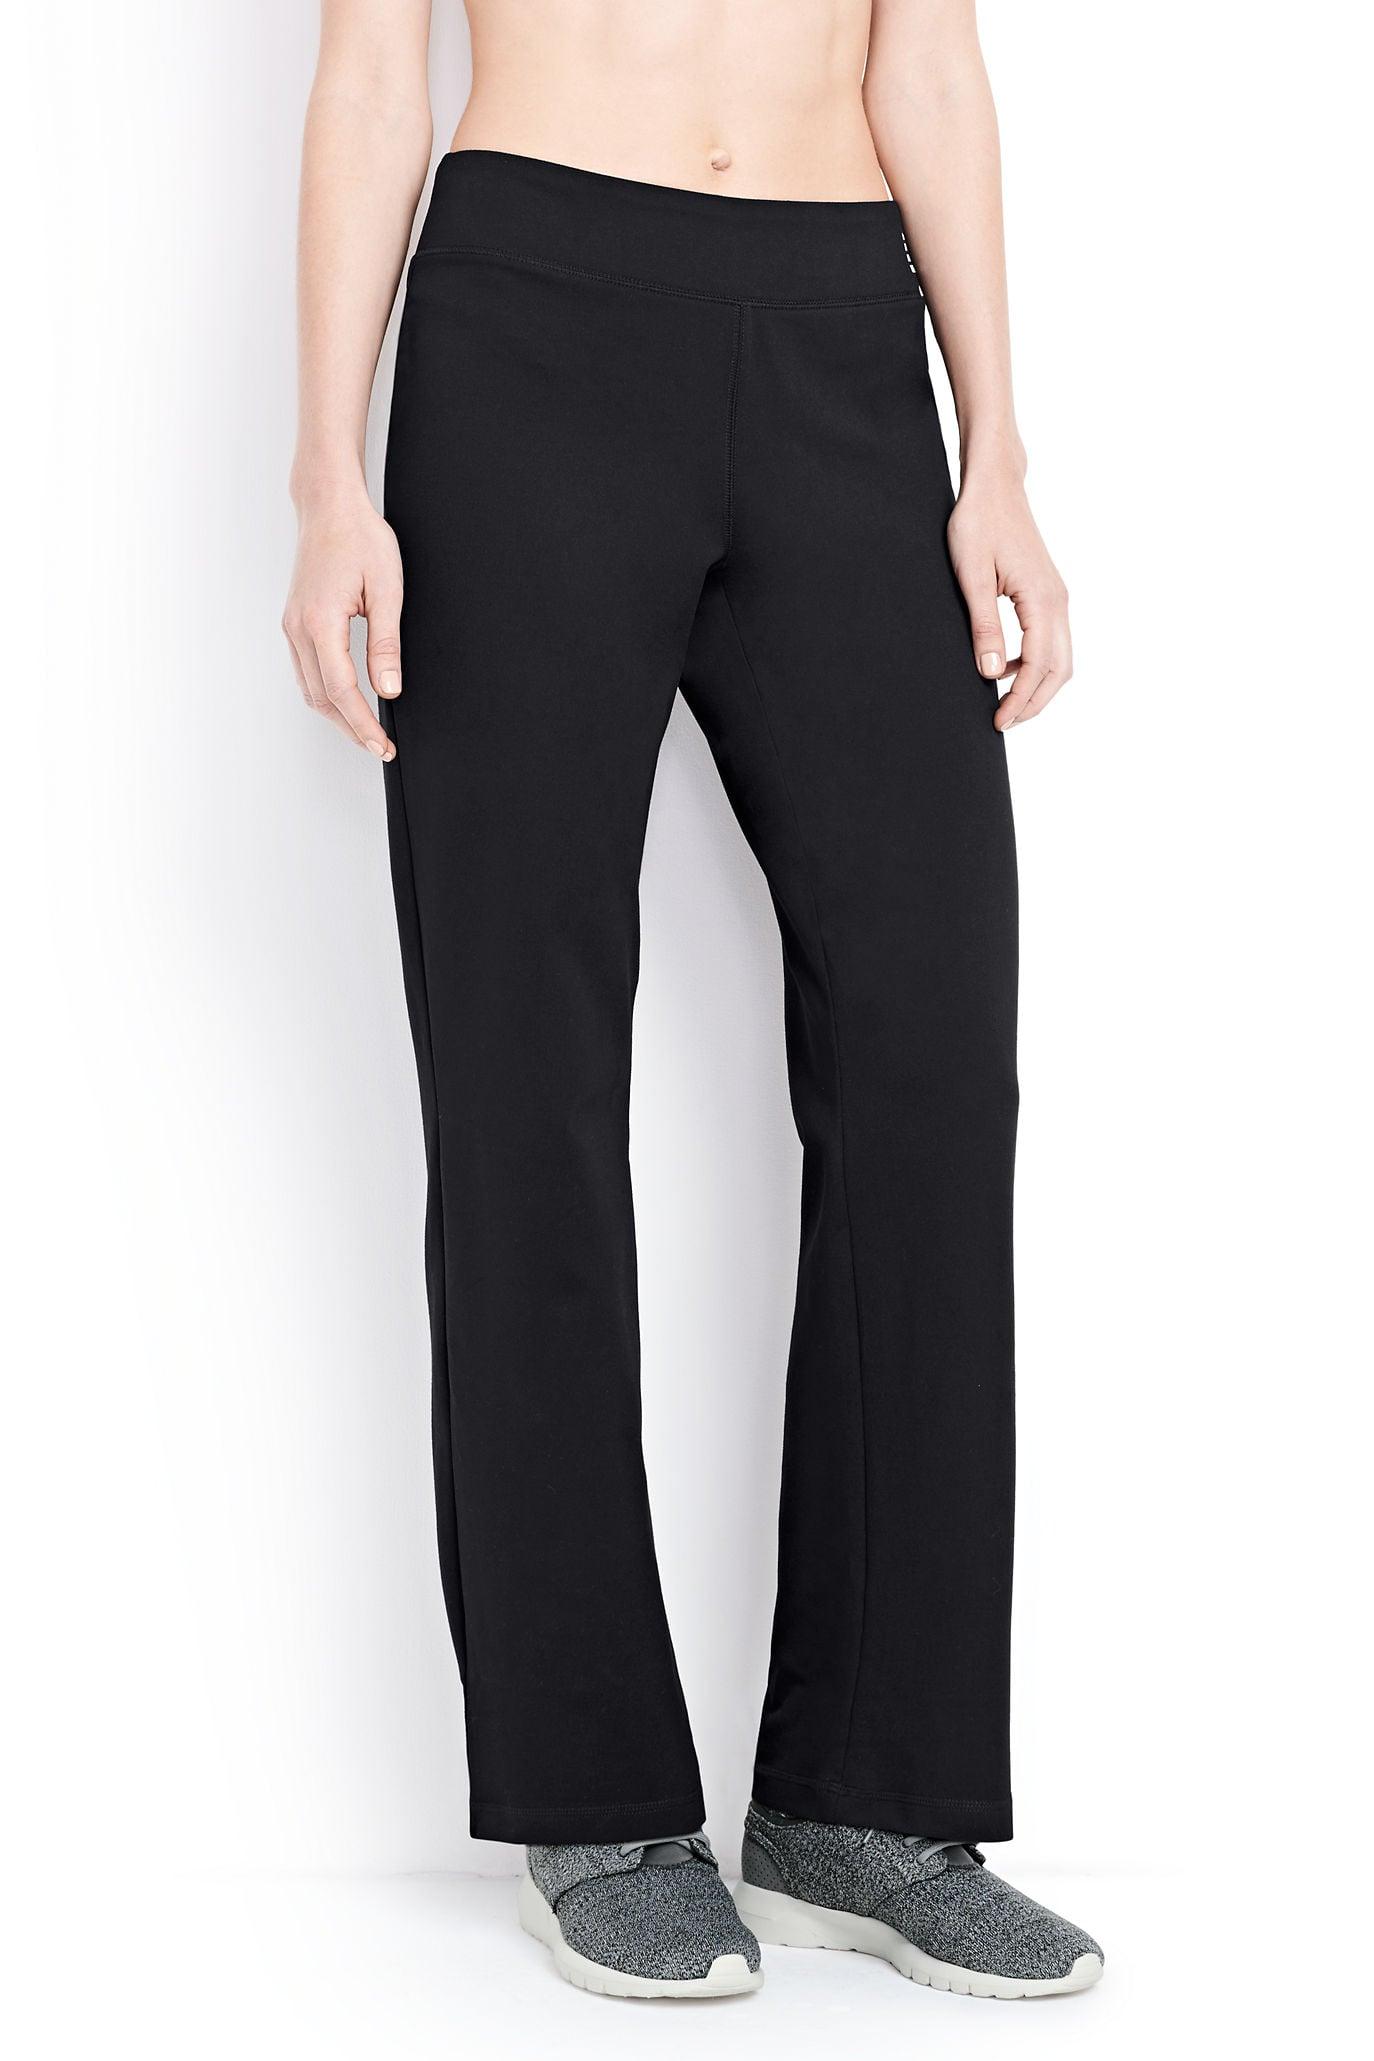 Best Yoga Pants For Tall Women Popsugar Fitness